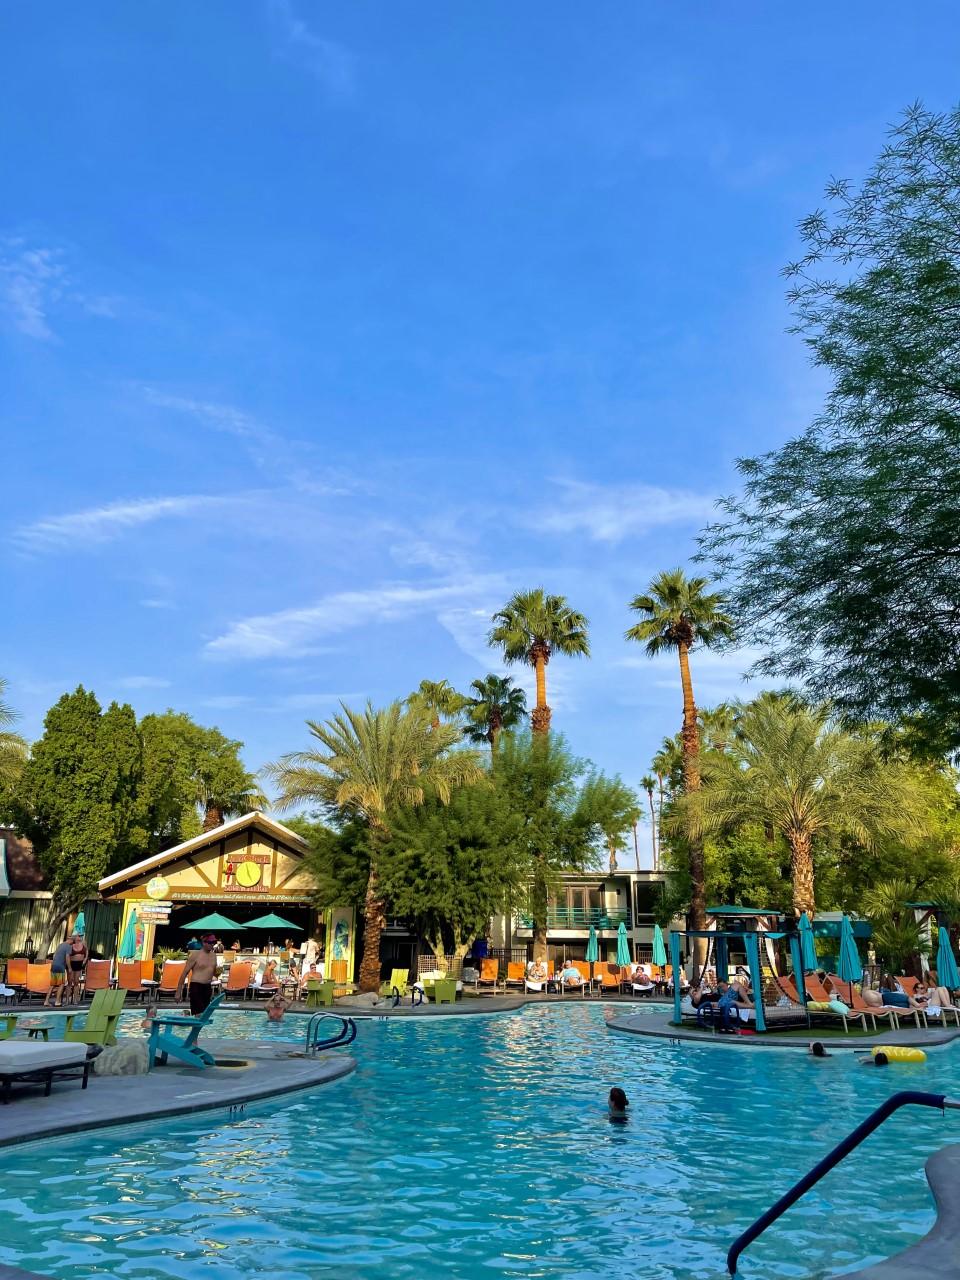 Margaritaville's Main Pool